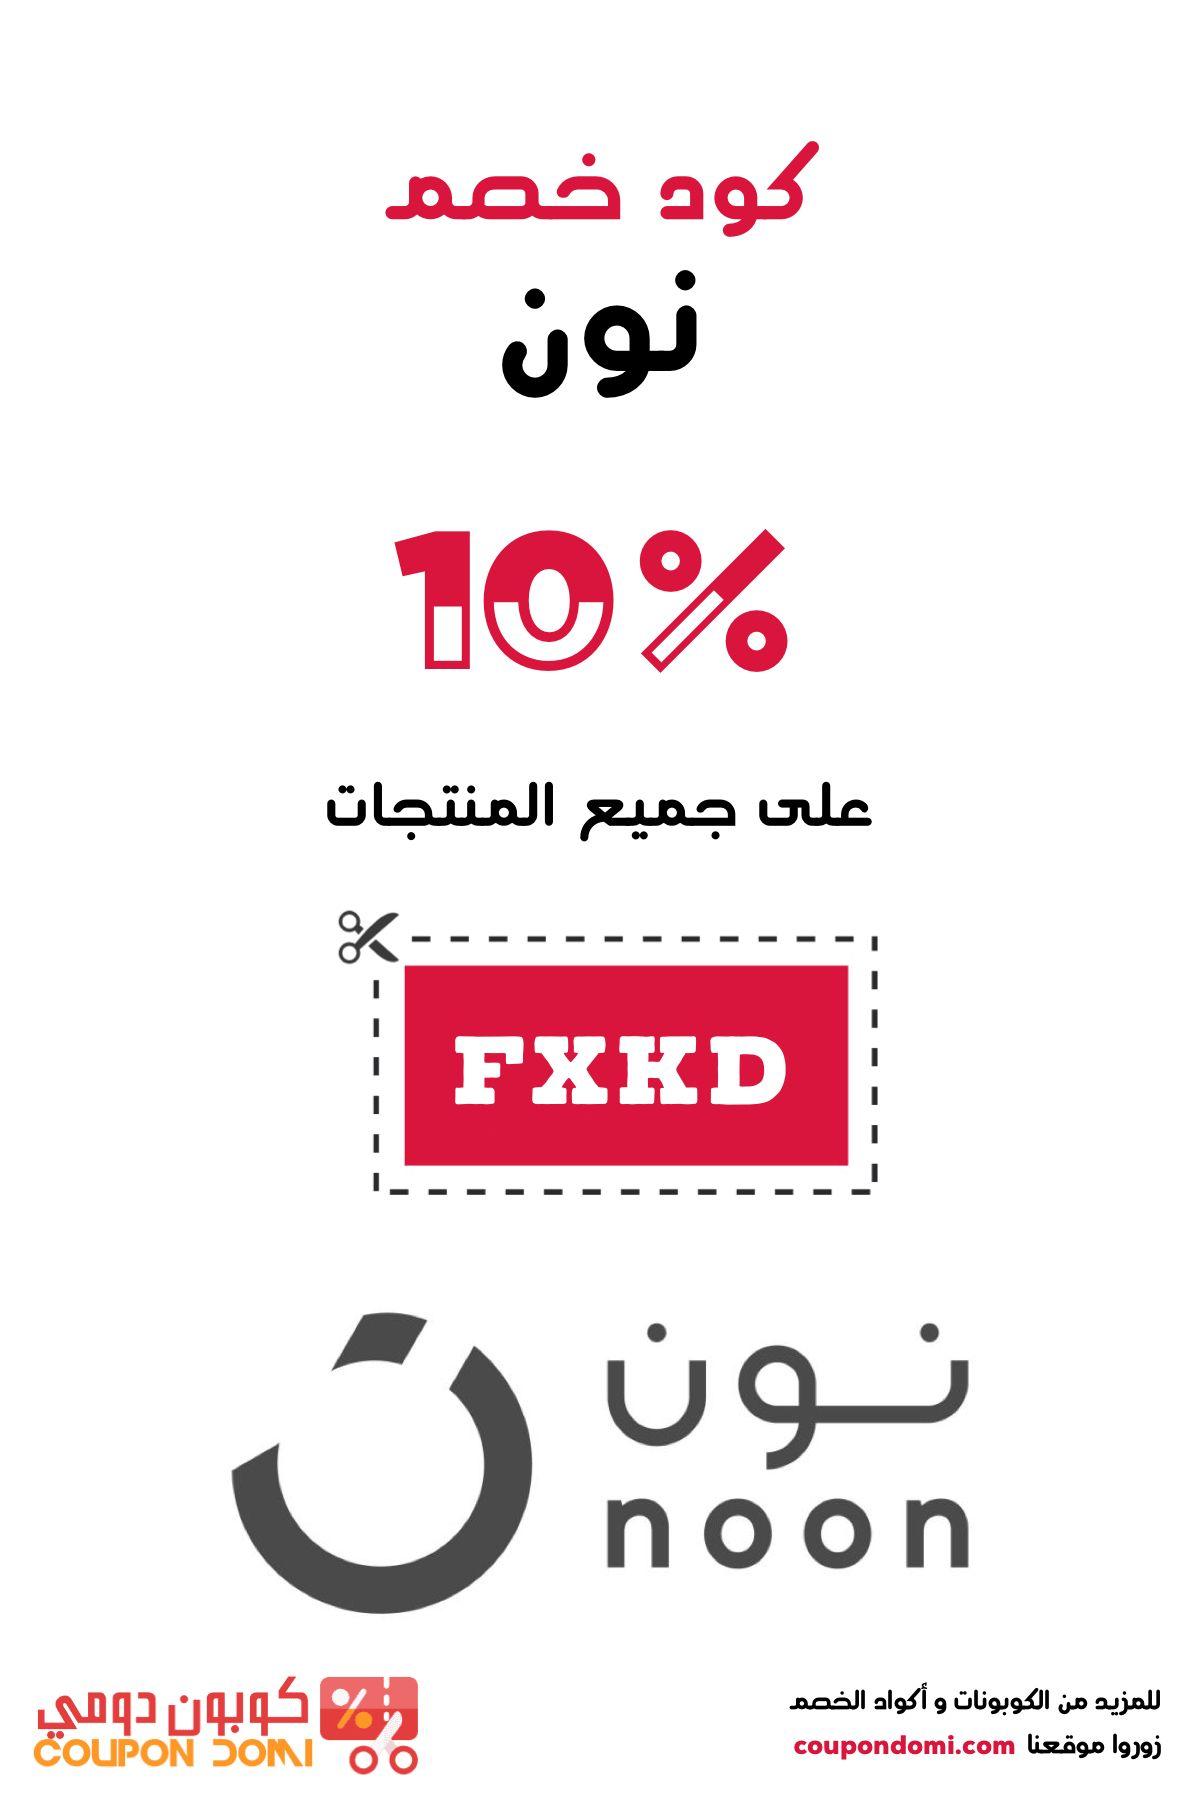 كود خصم نون 10 على جميع المنتجات من Noon السعودية و الإمارات Company Logo Tech Company Logos Amazon Logo